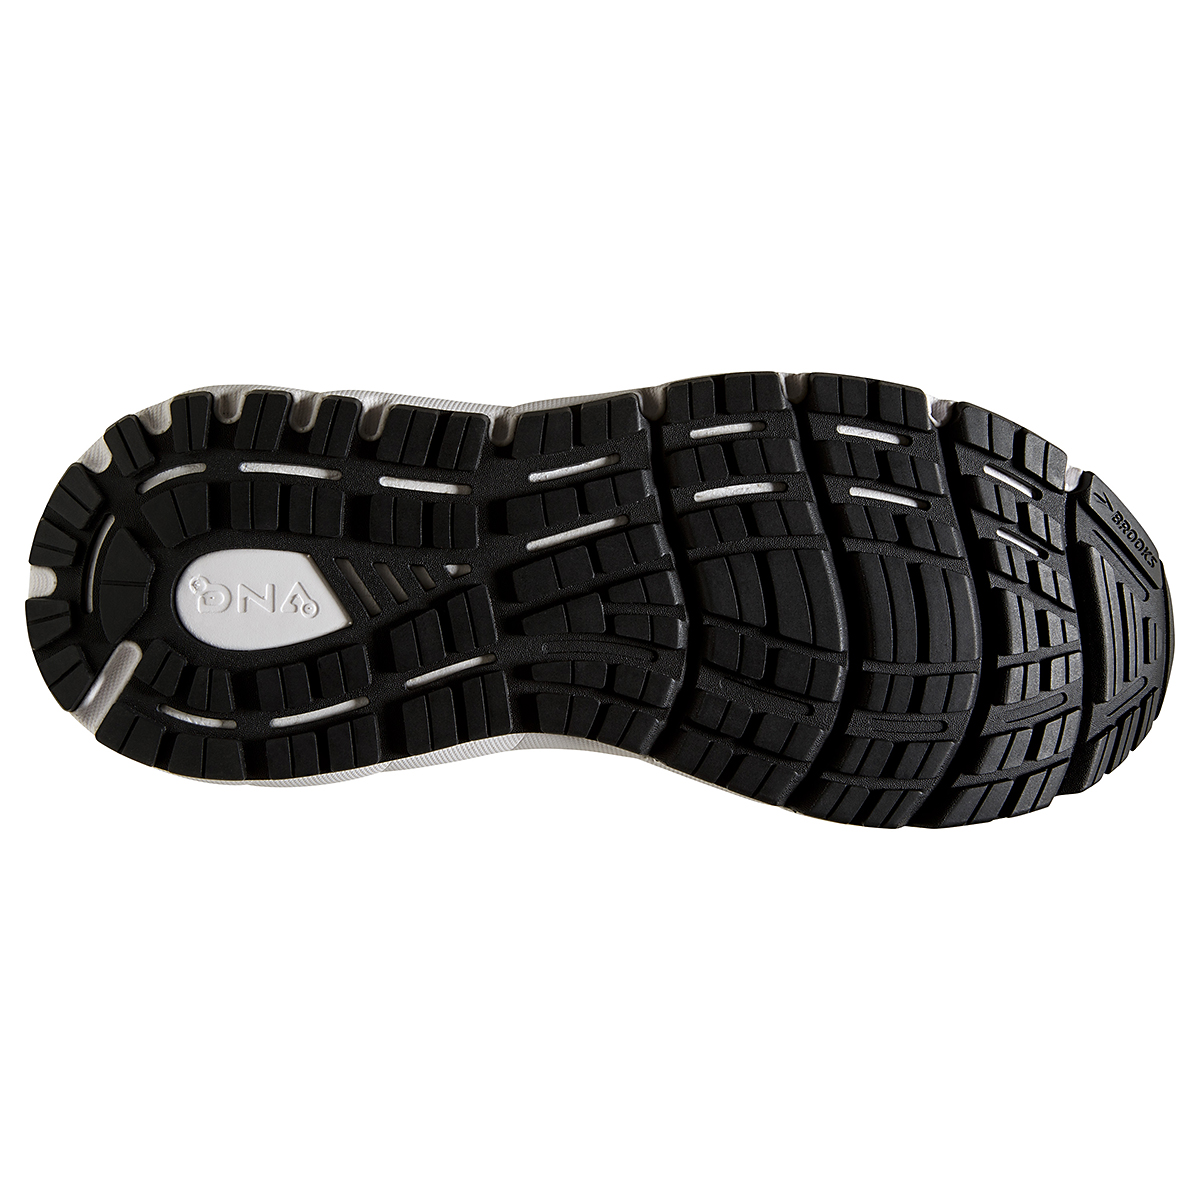 Men's Brooks Addiction GTS 15 Running Shoe - Color: India Ink/Black/Blue - Size: 7 - Width: Regular, India Ink/Black/Blue, large, image 4